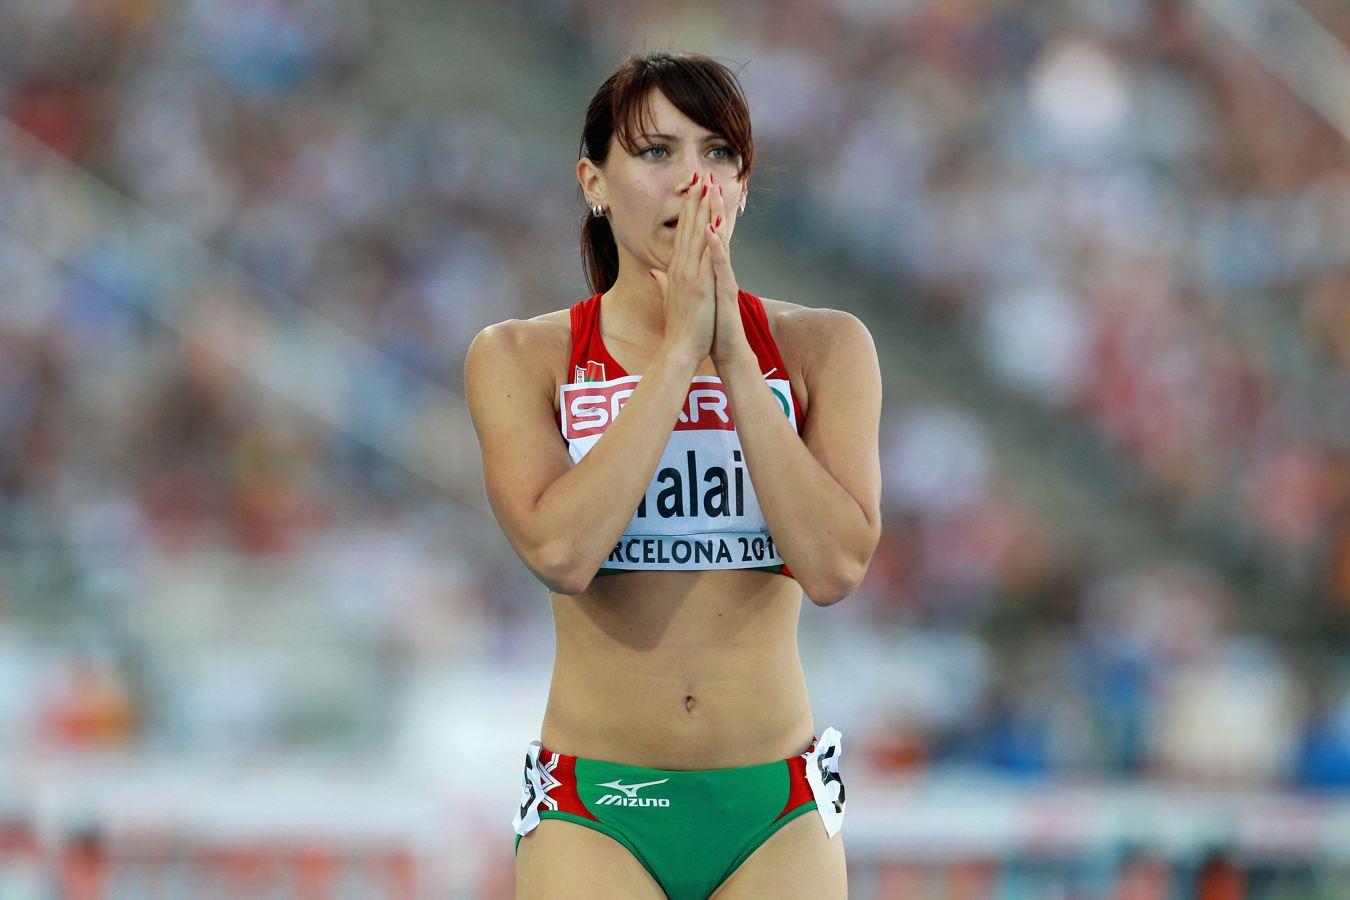 Самая сексуальная российская спортсменка по легкой атлетике правы